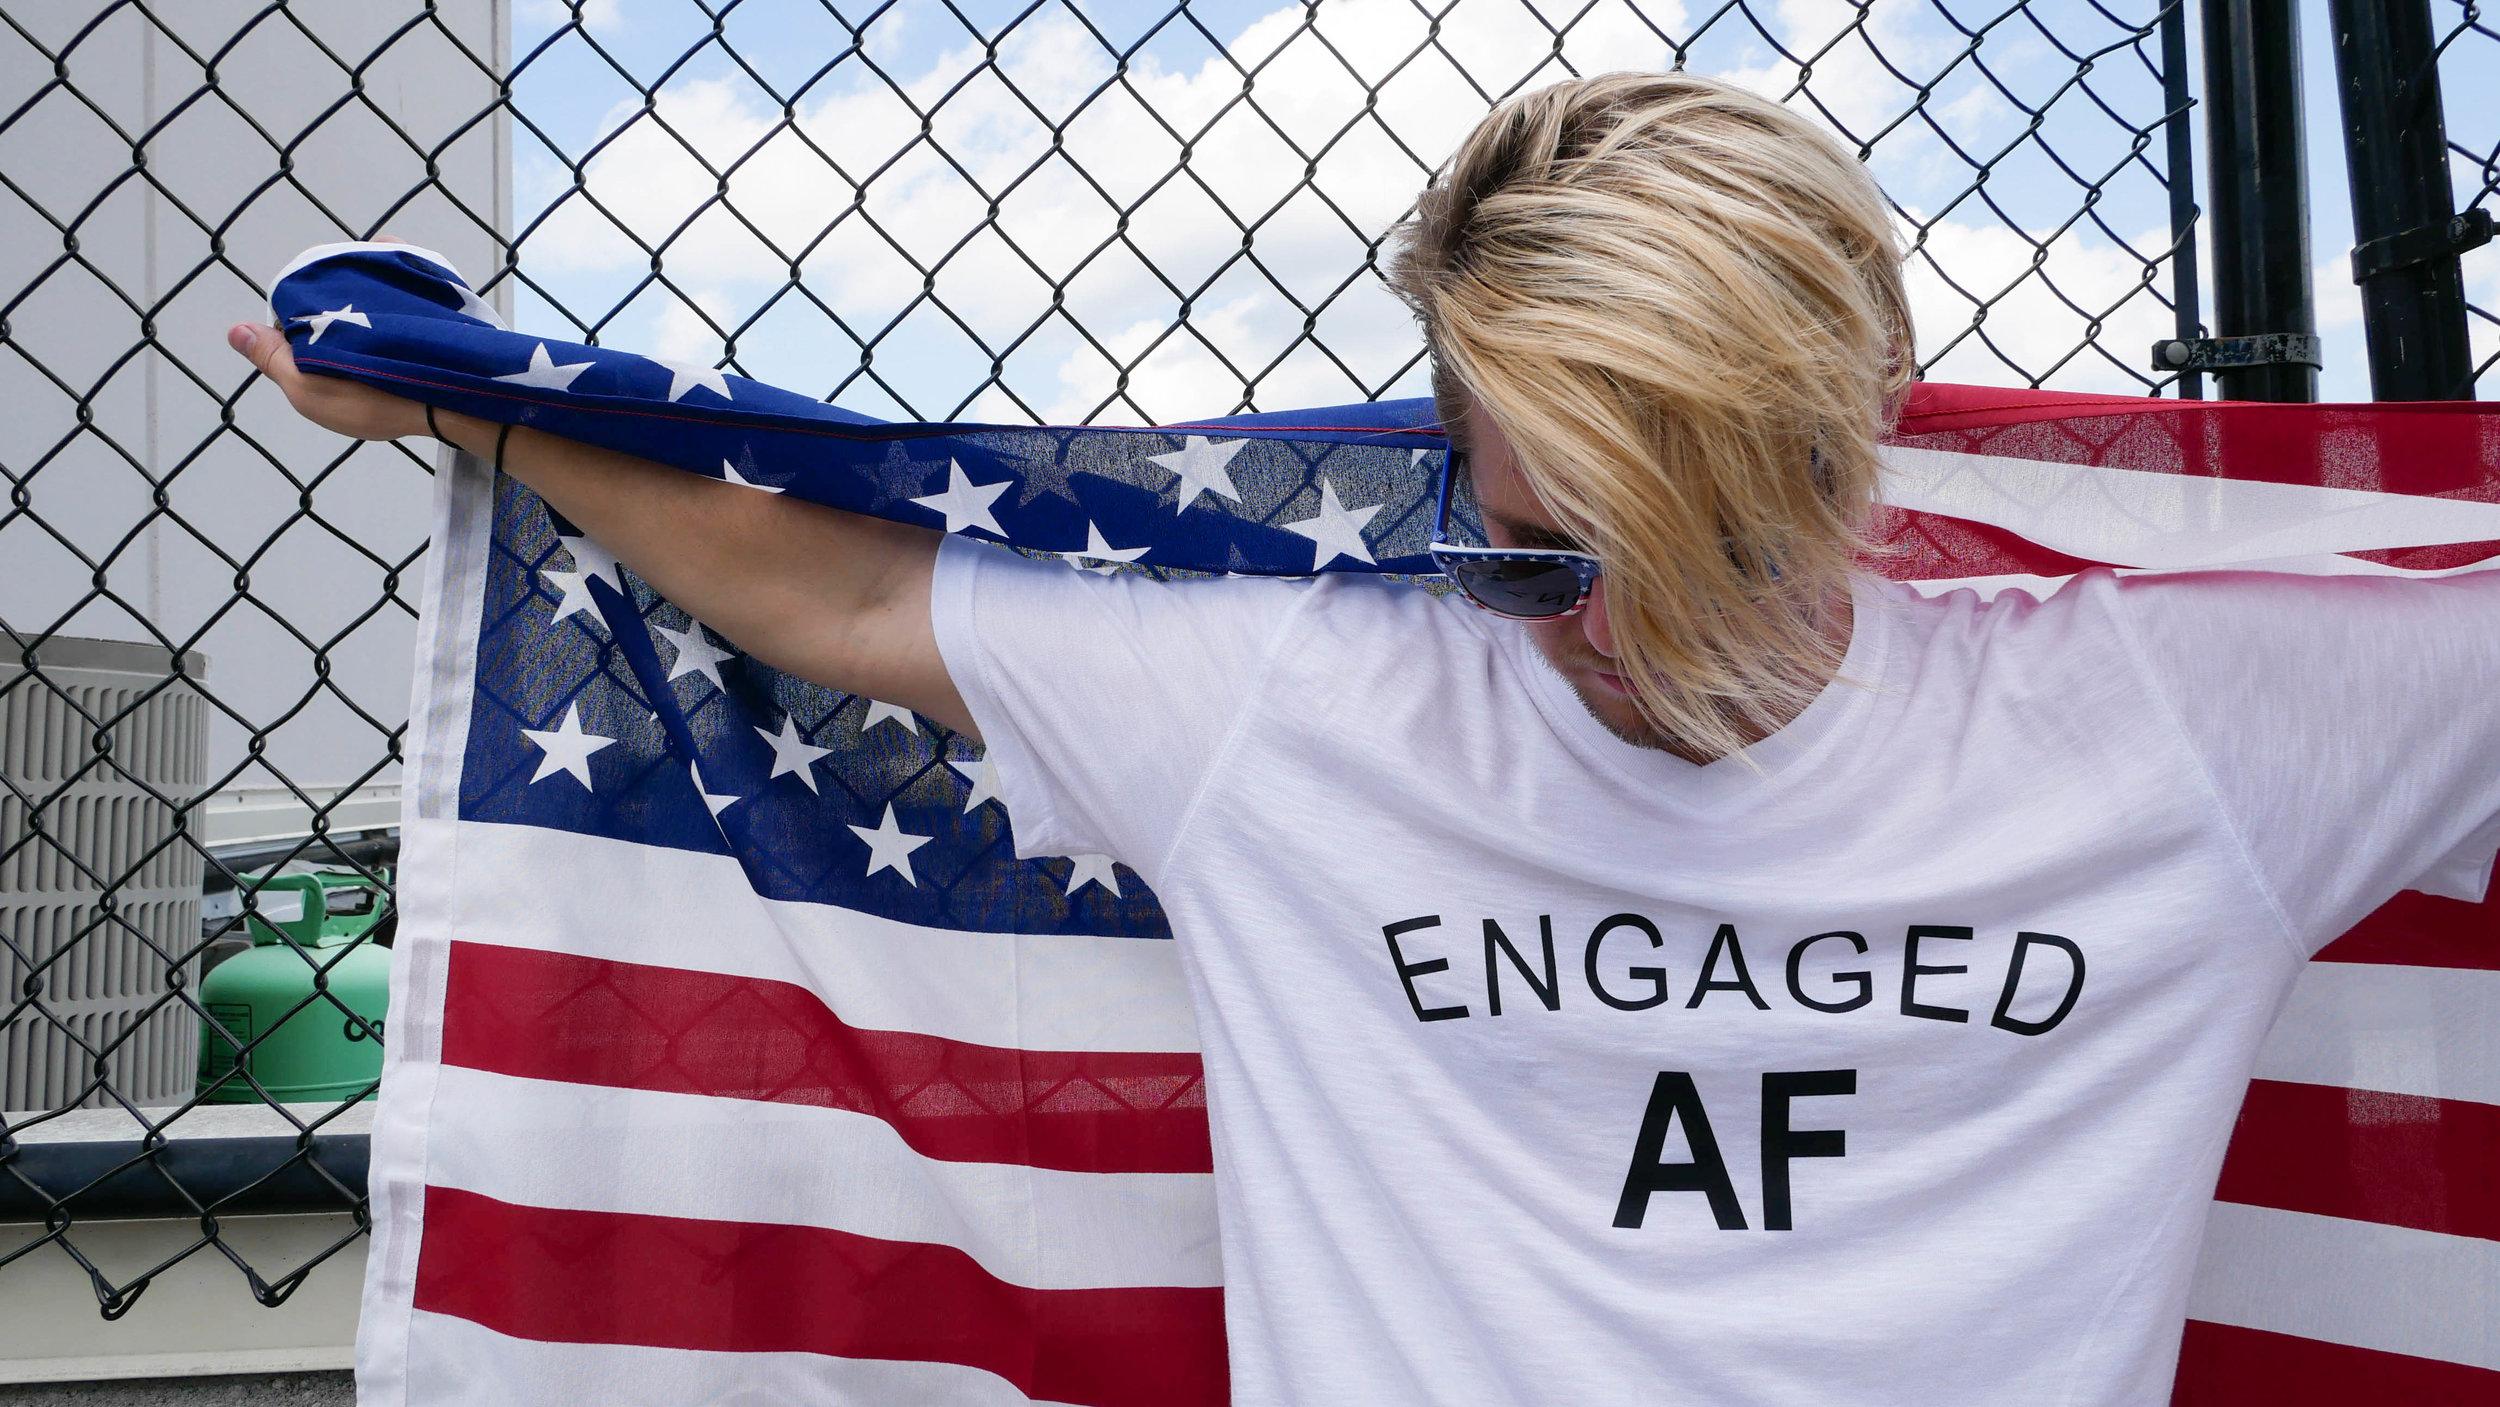 July+4th+Americka+Shoot-1010364.jpg